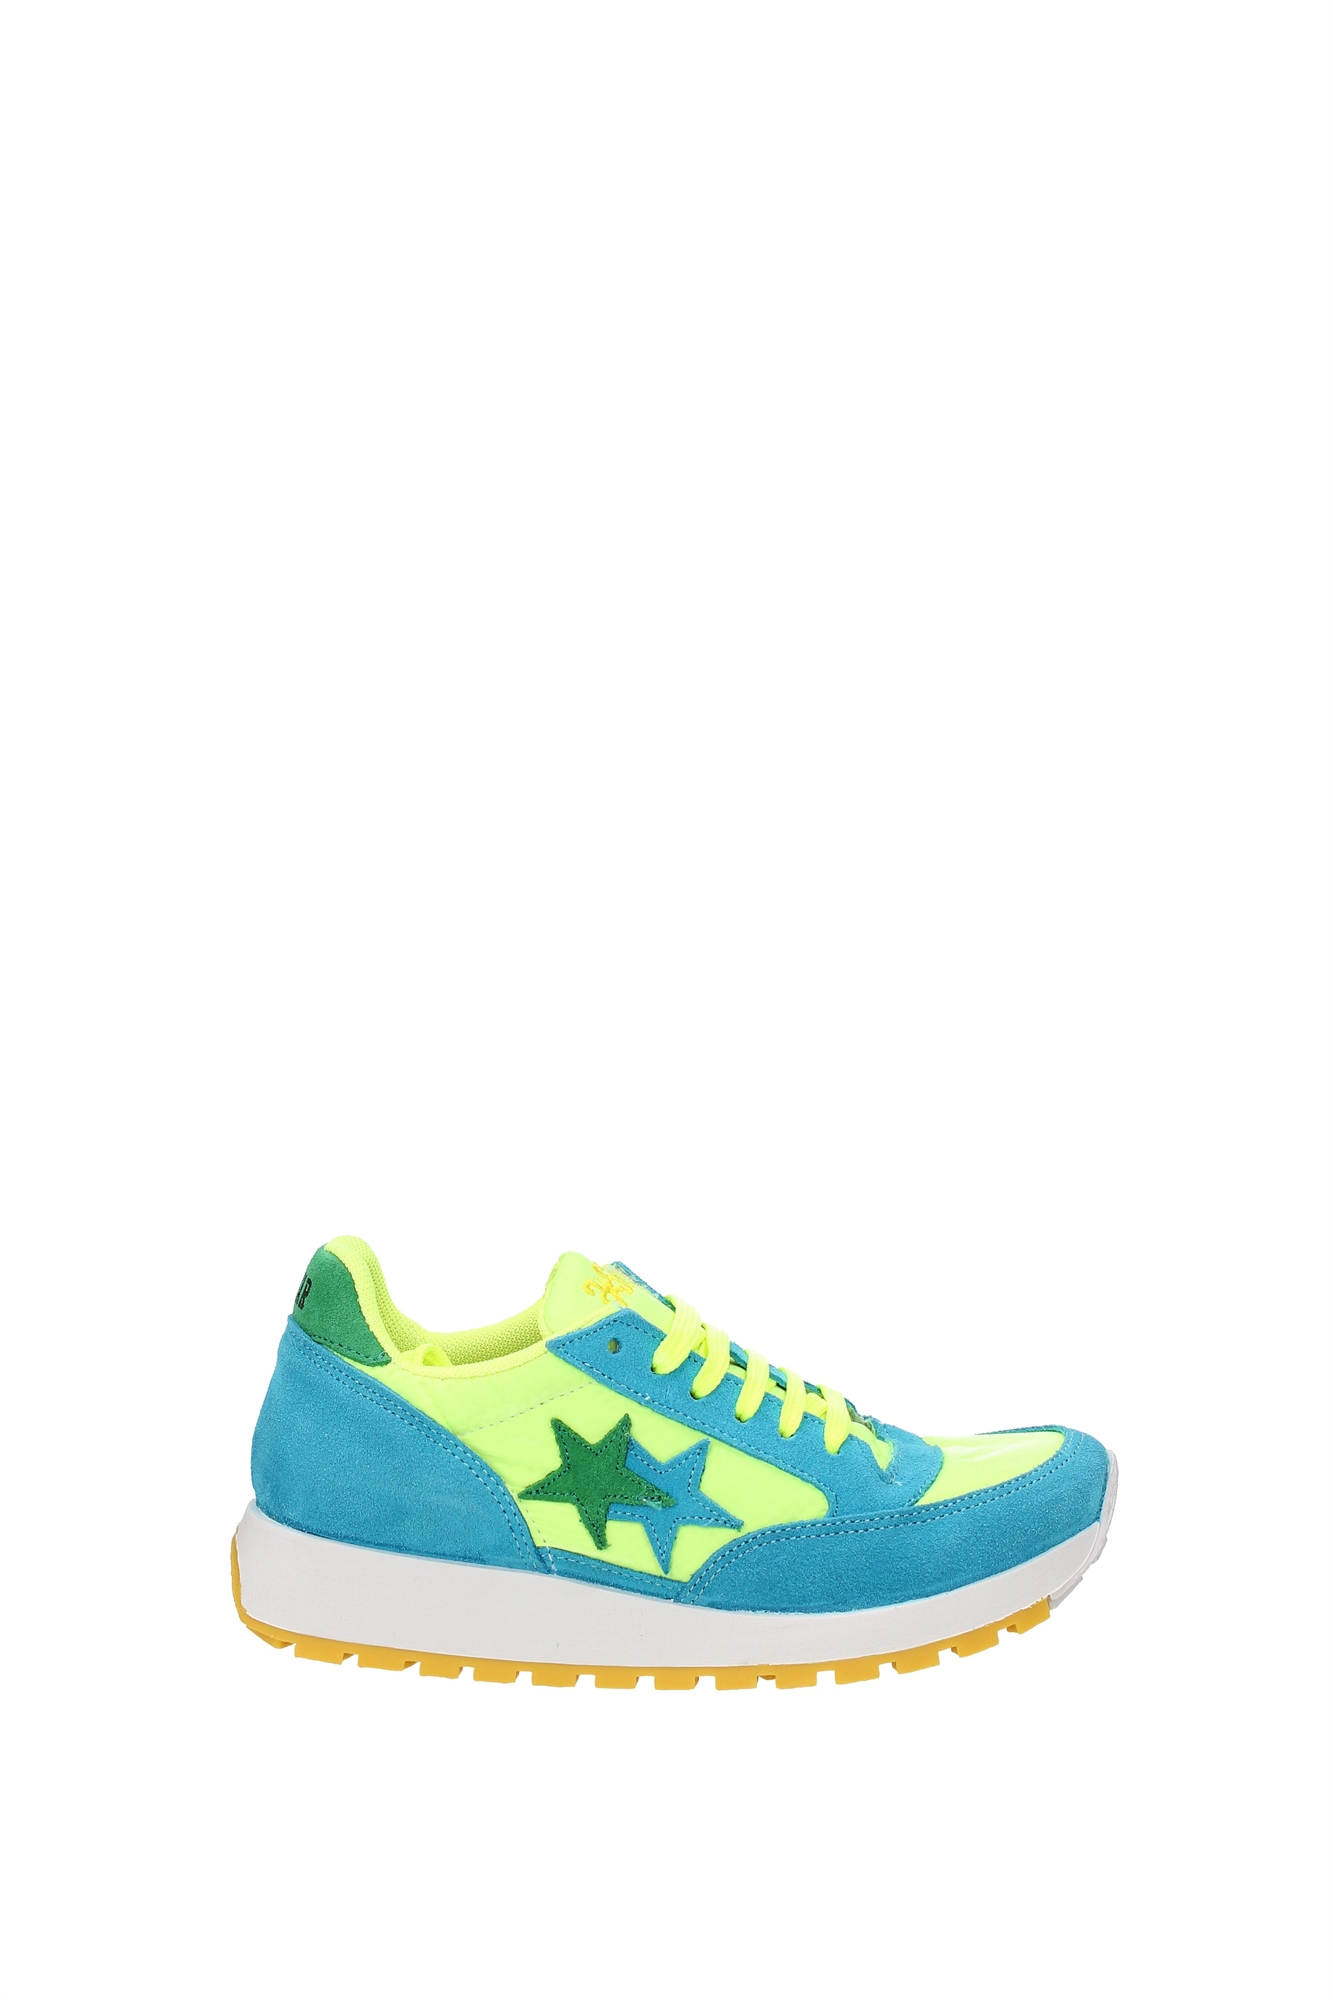 Sneakers (2SD1140VERDECOBALTO) 2star Damen -  (2SD1140VERDECOBALTO) Sneakers 951100